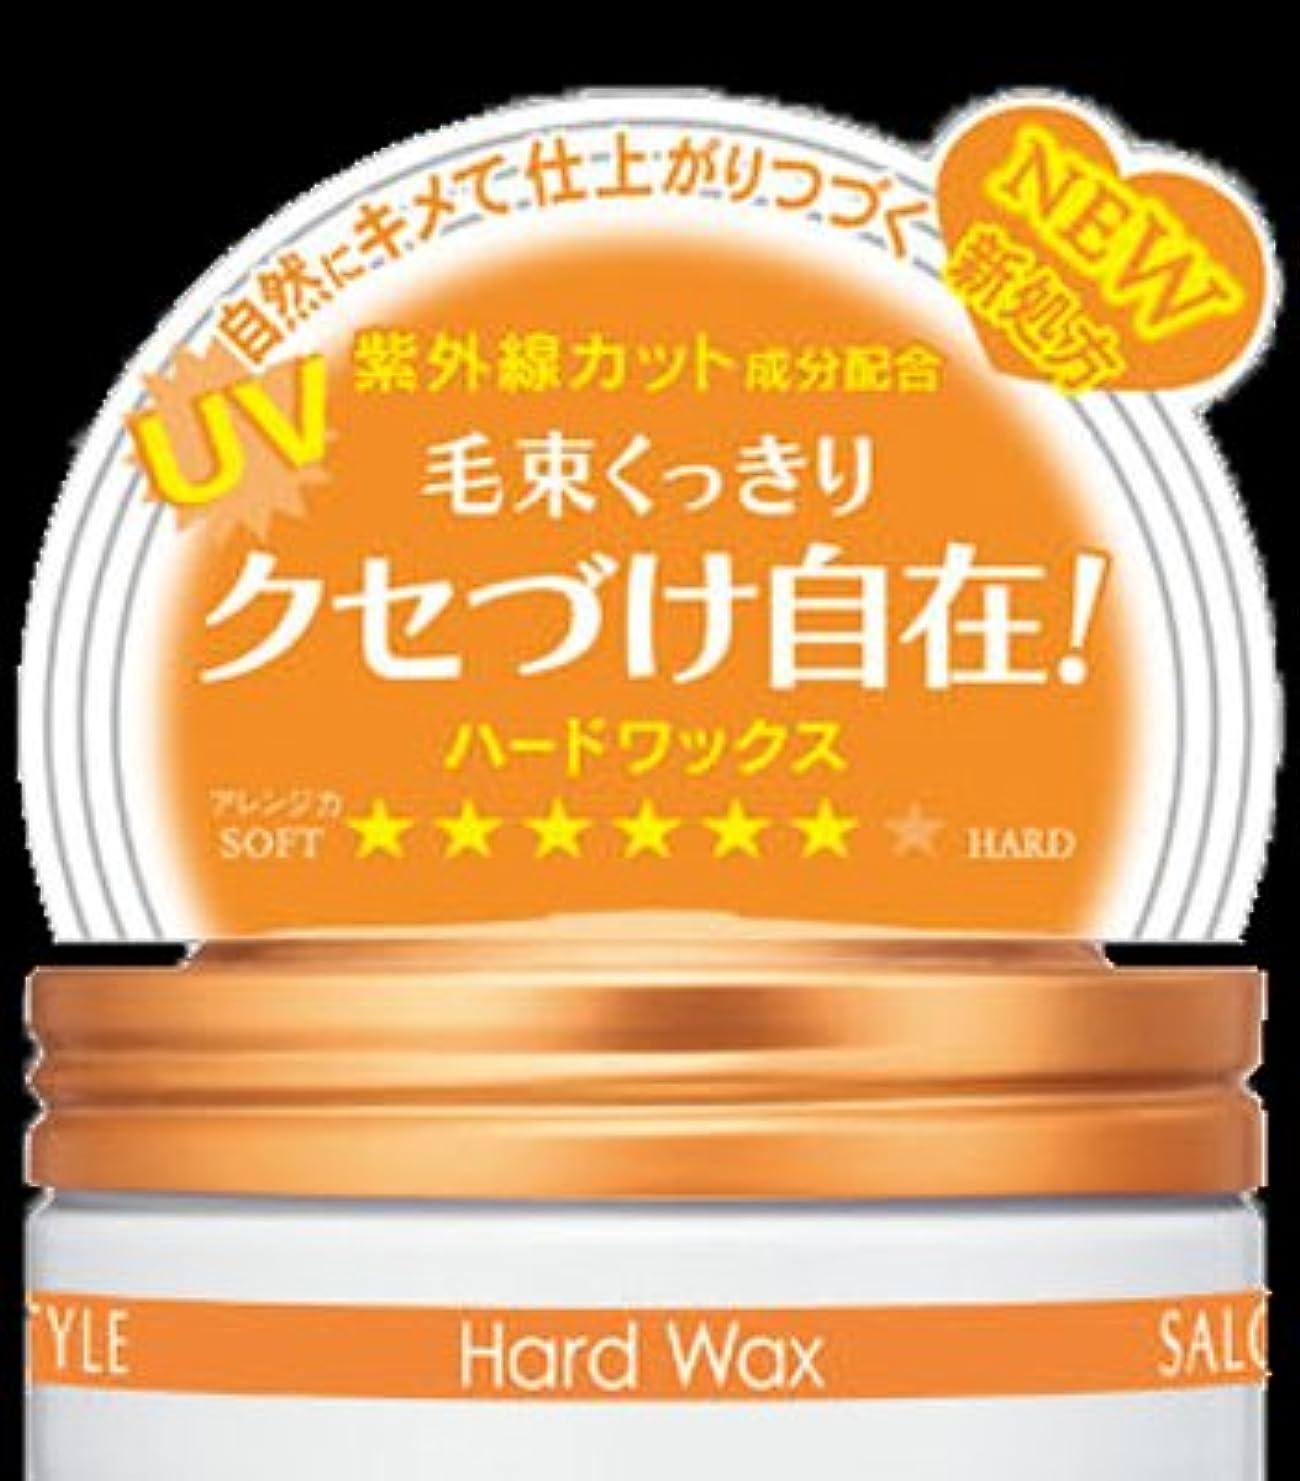 コーセー サロンスタイル ヘアワックスC ハード 75g さわやかなフルーティフローラルの香り×48点セット (4971710313574)